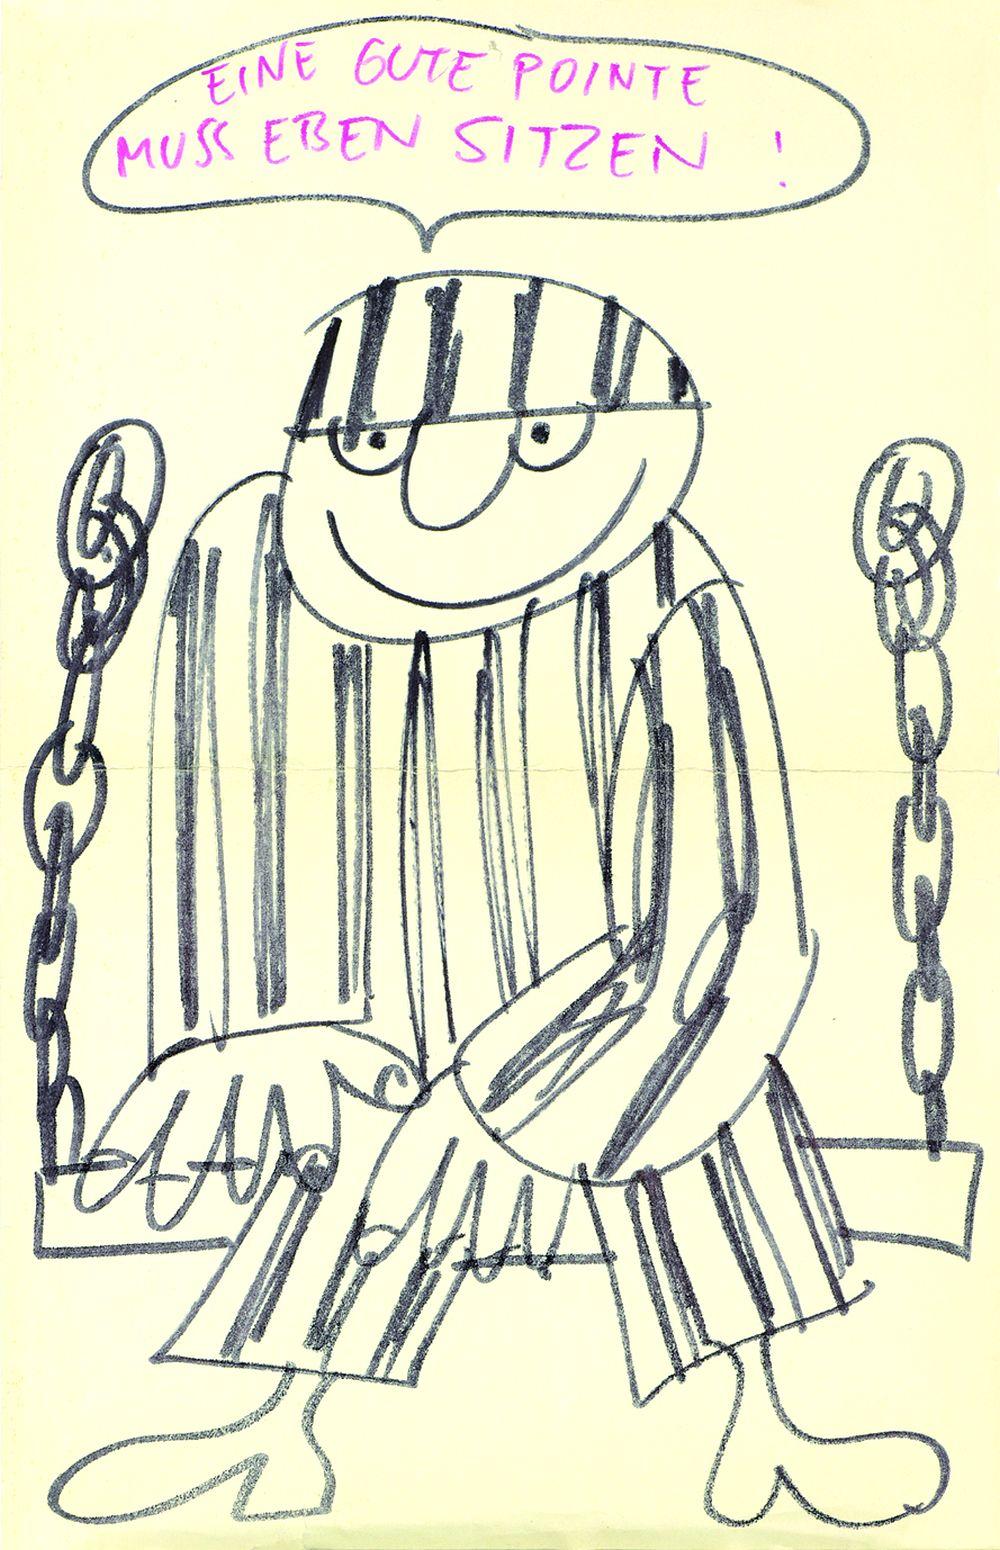 Karikatur 'Eine gute Pointe muss eben sitzen!'